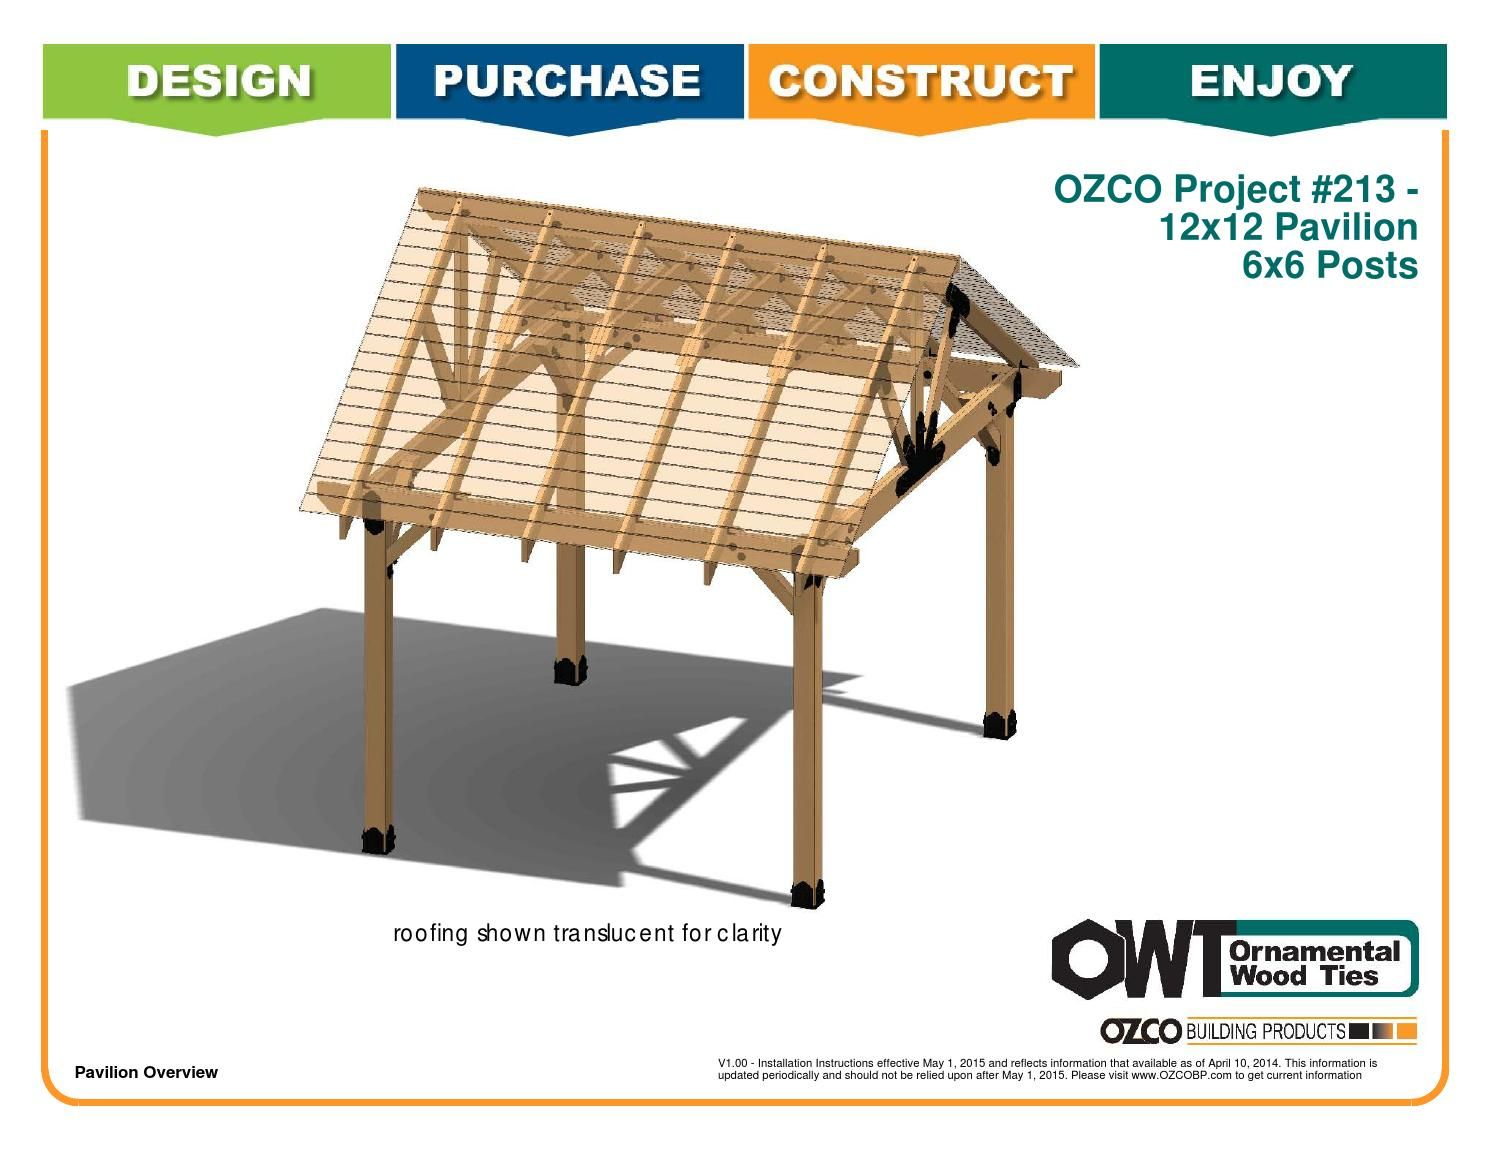 Ozco Project 12x12 Pavilion With 6x6 Posts 213 Pavilion Plans Carport Designs Pool House Shed